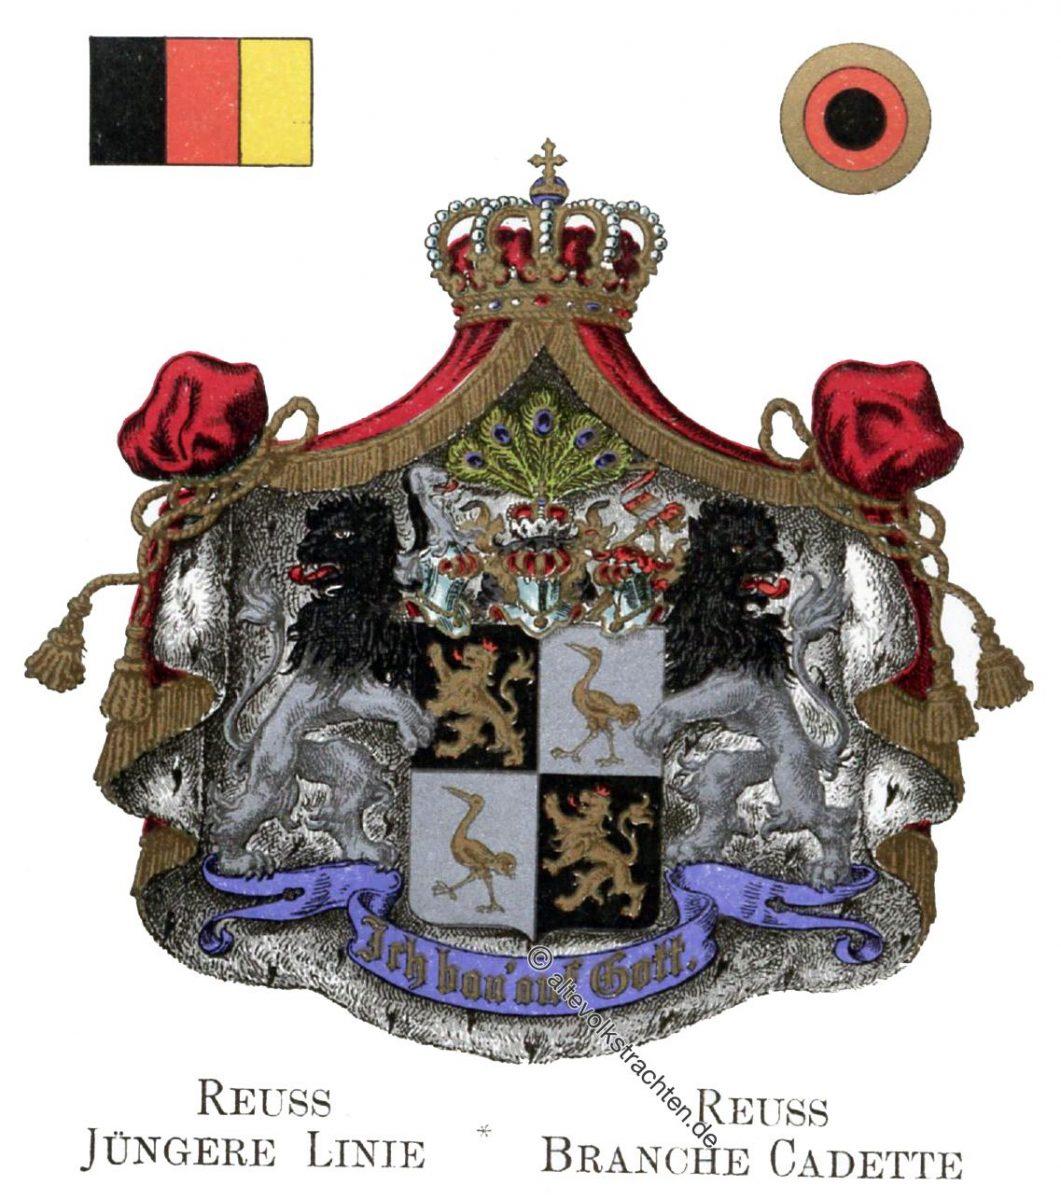 Reuss Jüngere Linie, Staatswappen, Wappen, Heraldik, Deutschland, Landesflaggen, Cocarden,